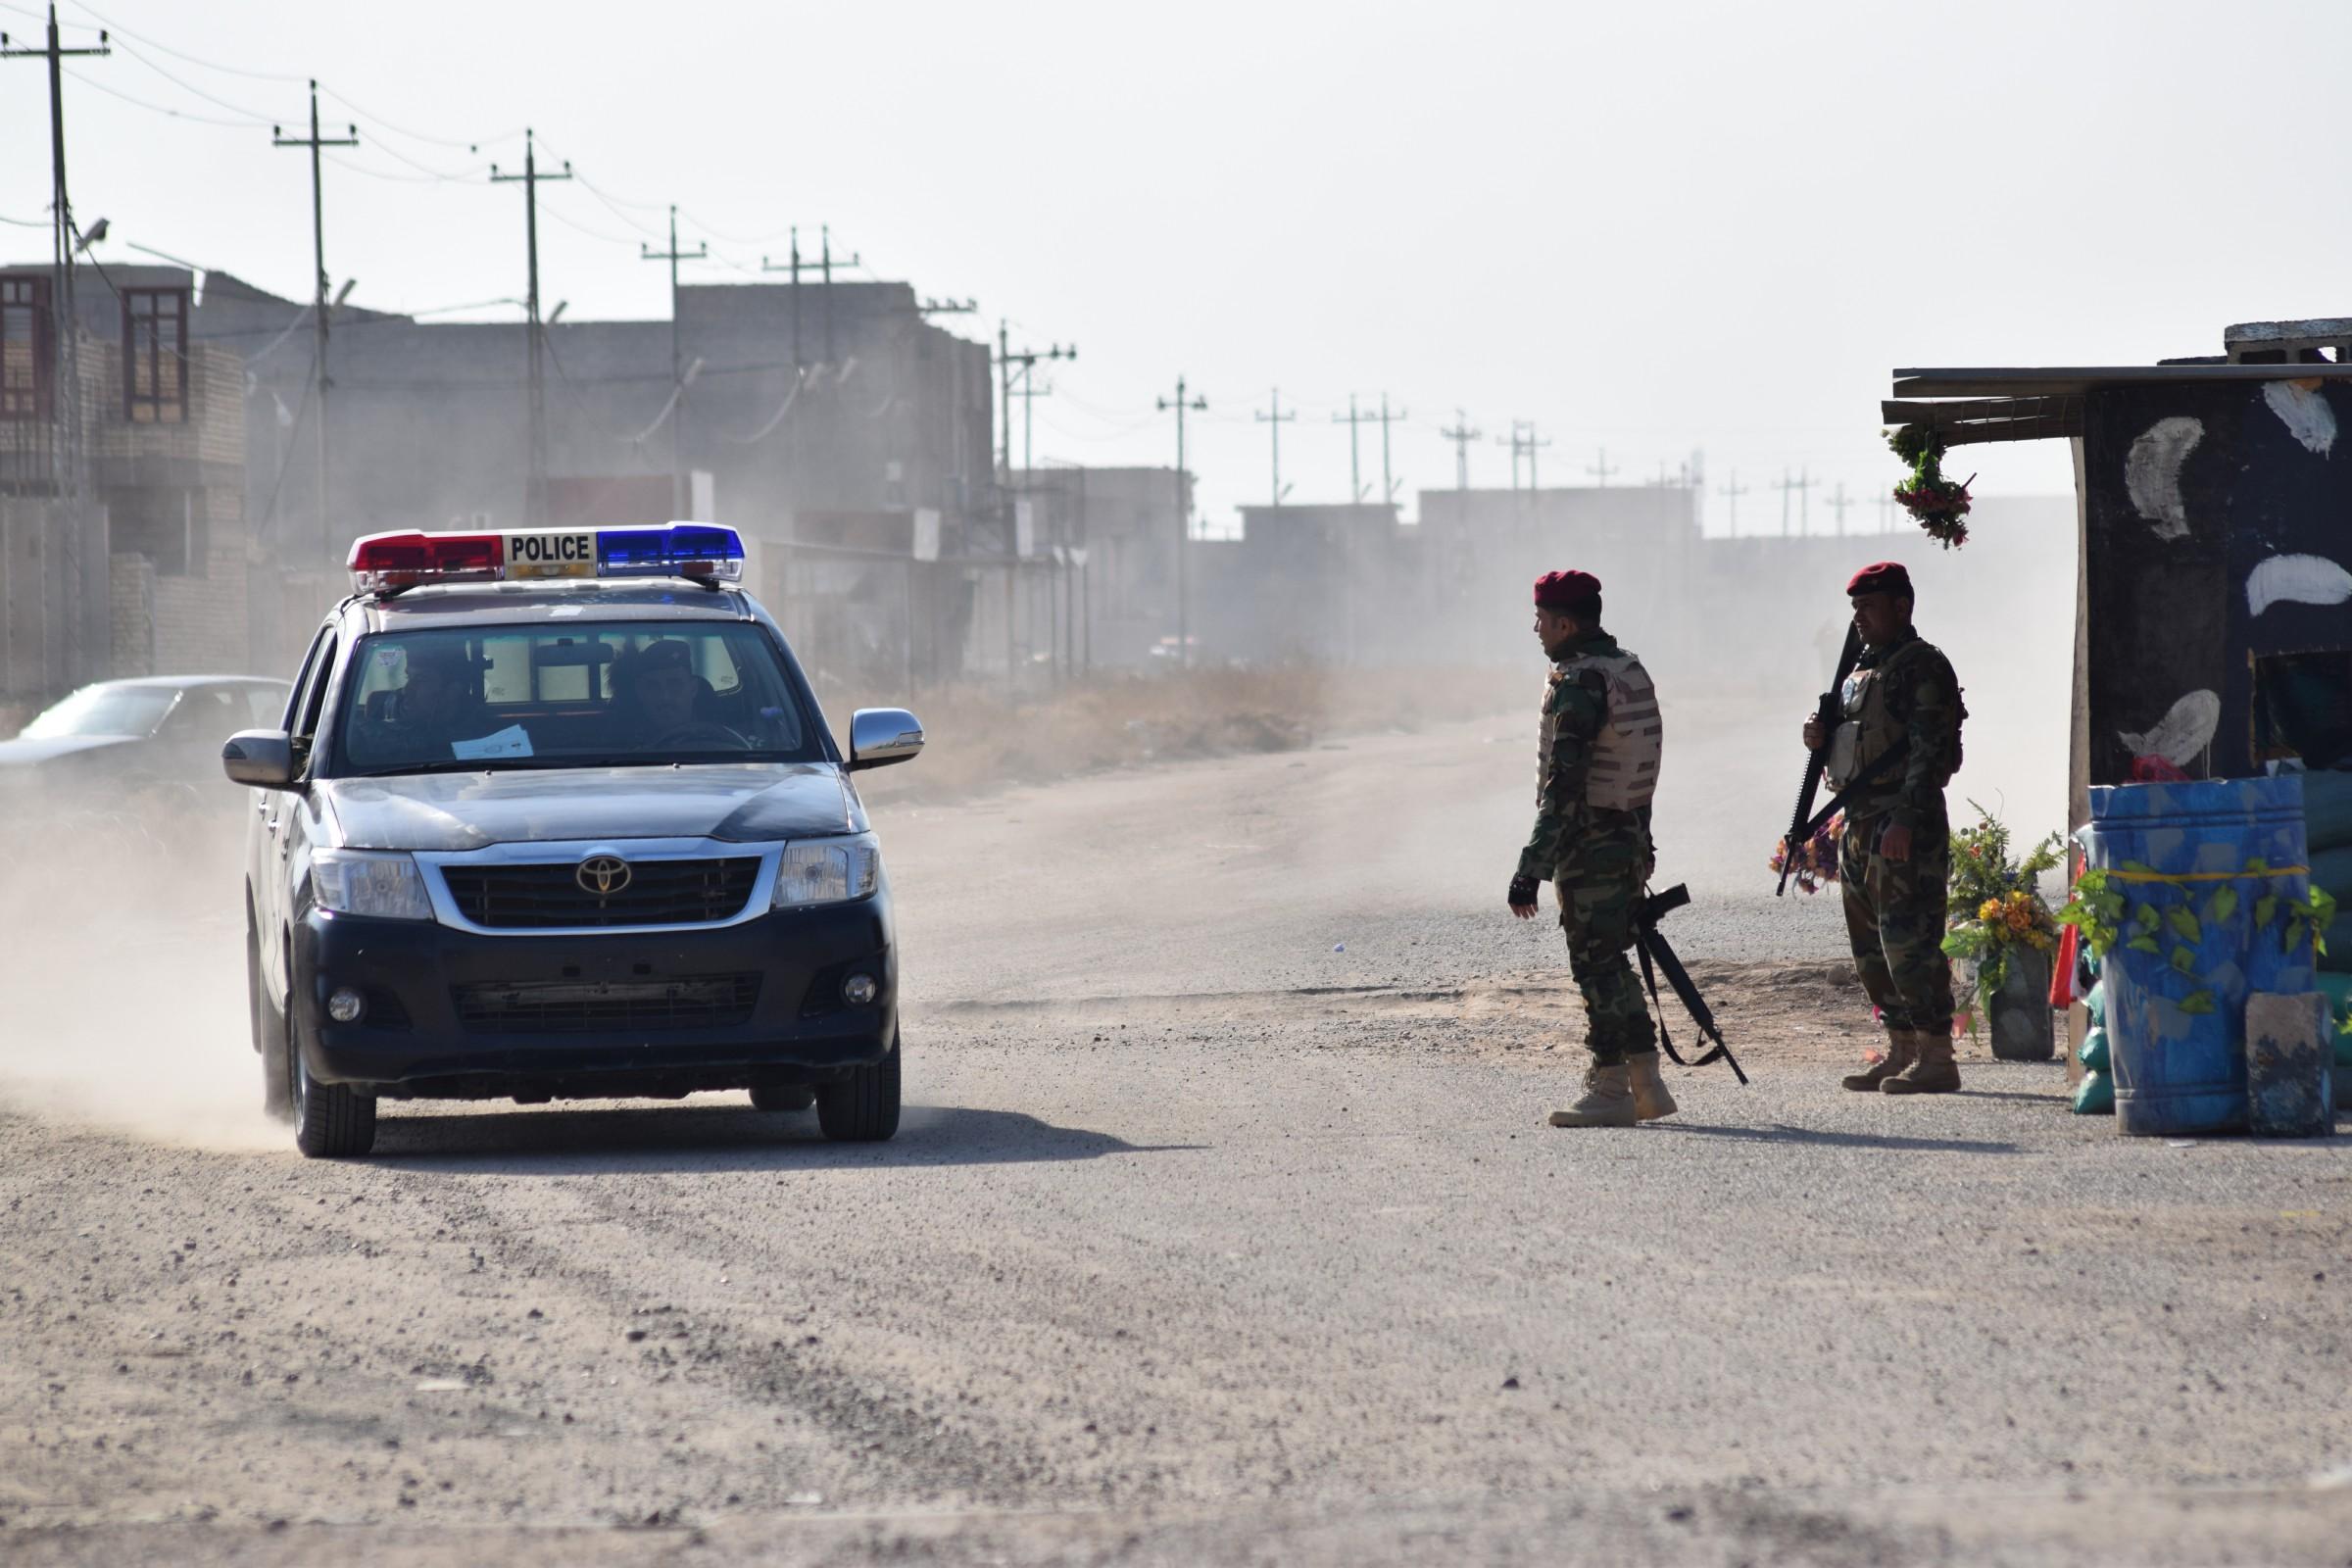 عضو بمجلس الانبار يطالب بفتح مركز شرطة في ناحية الفرات